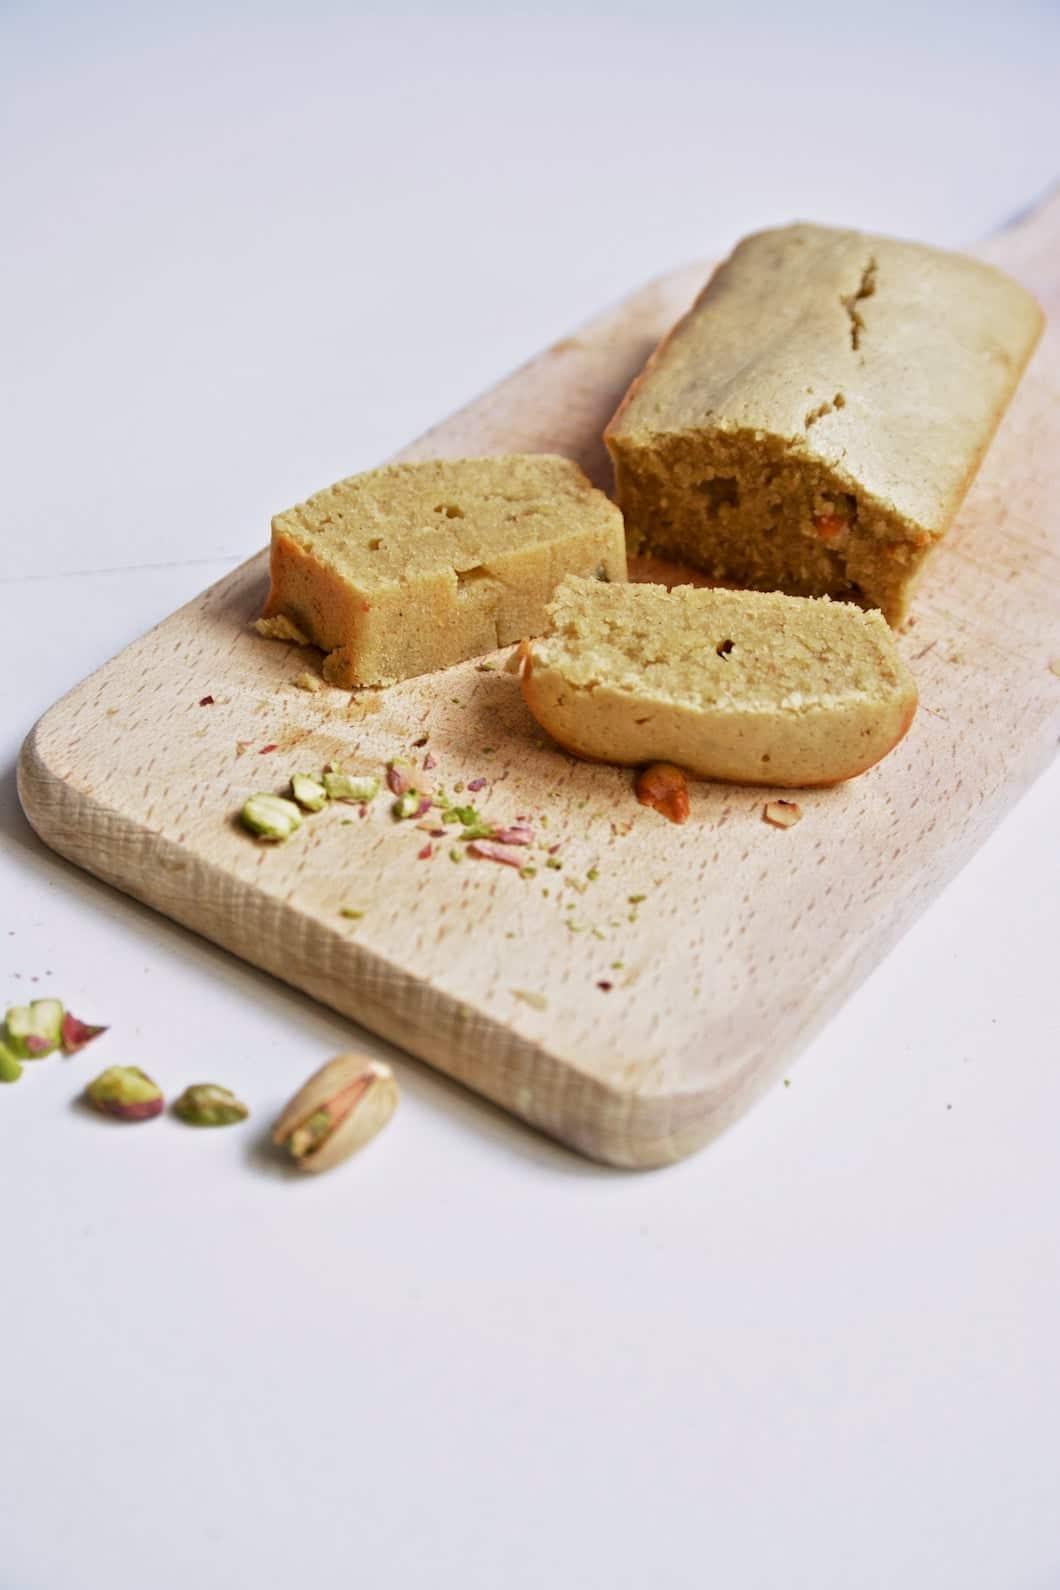 Ma recette de petits cakes à la pistache et aux amandes, sans gluten et sans lactose - 22 v'la Scarlett